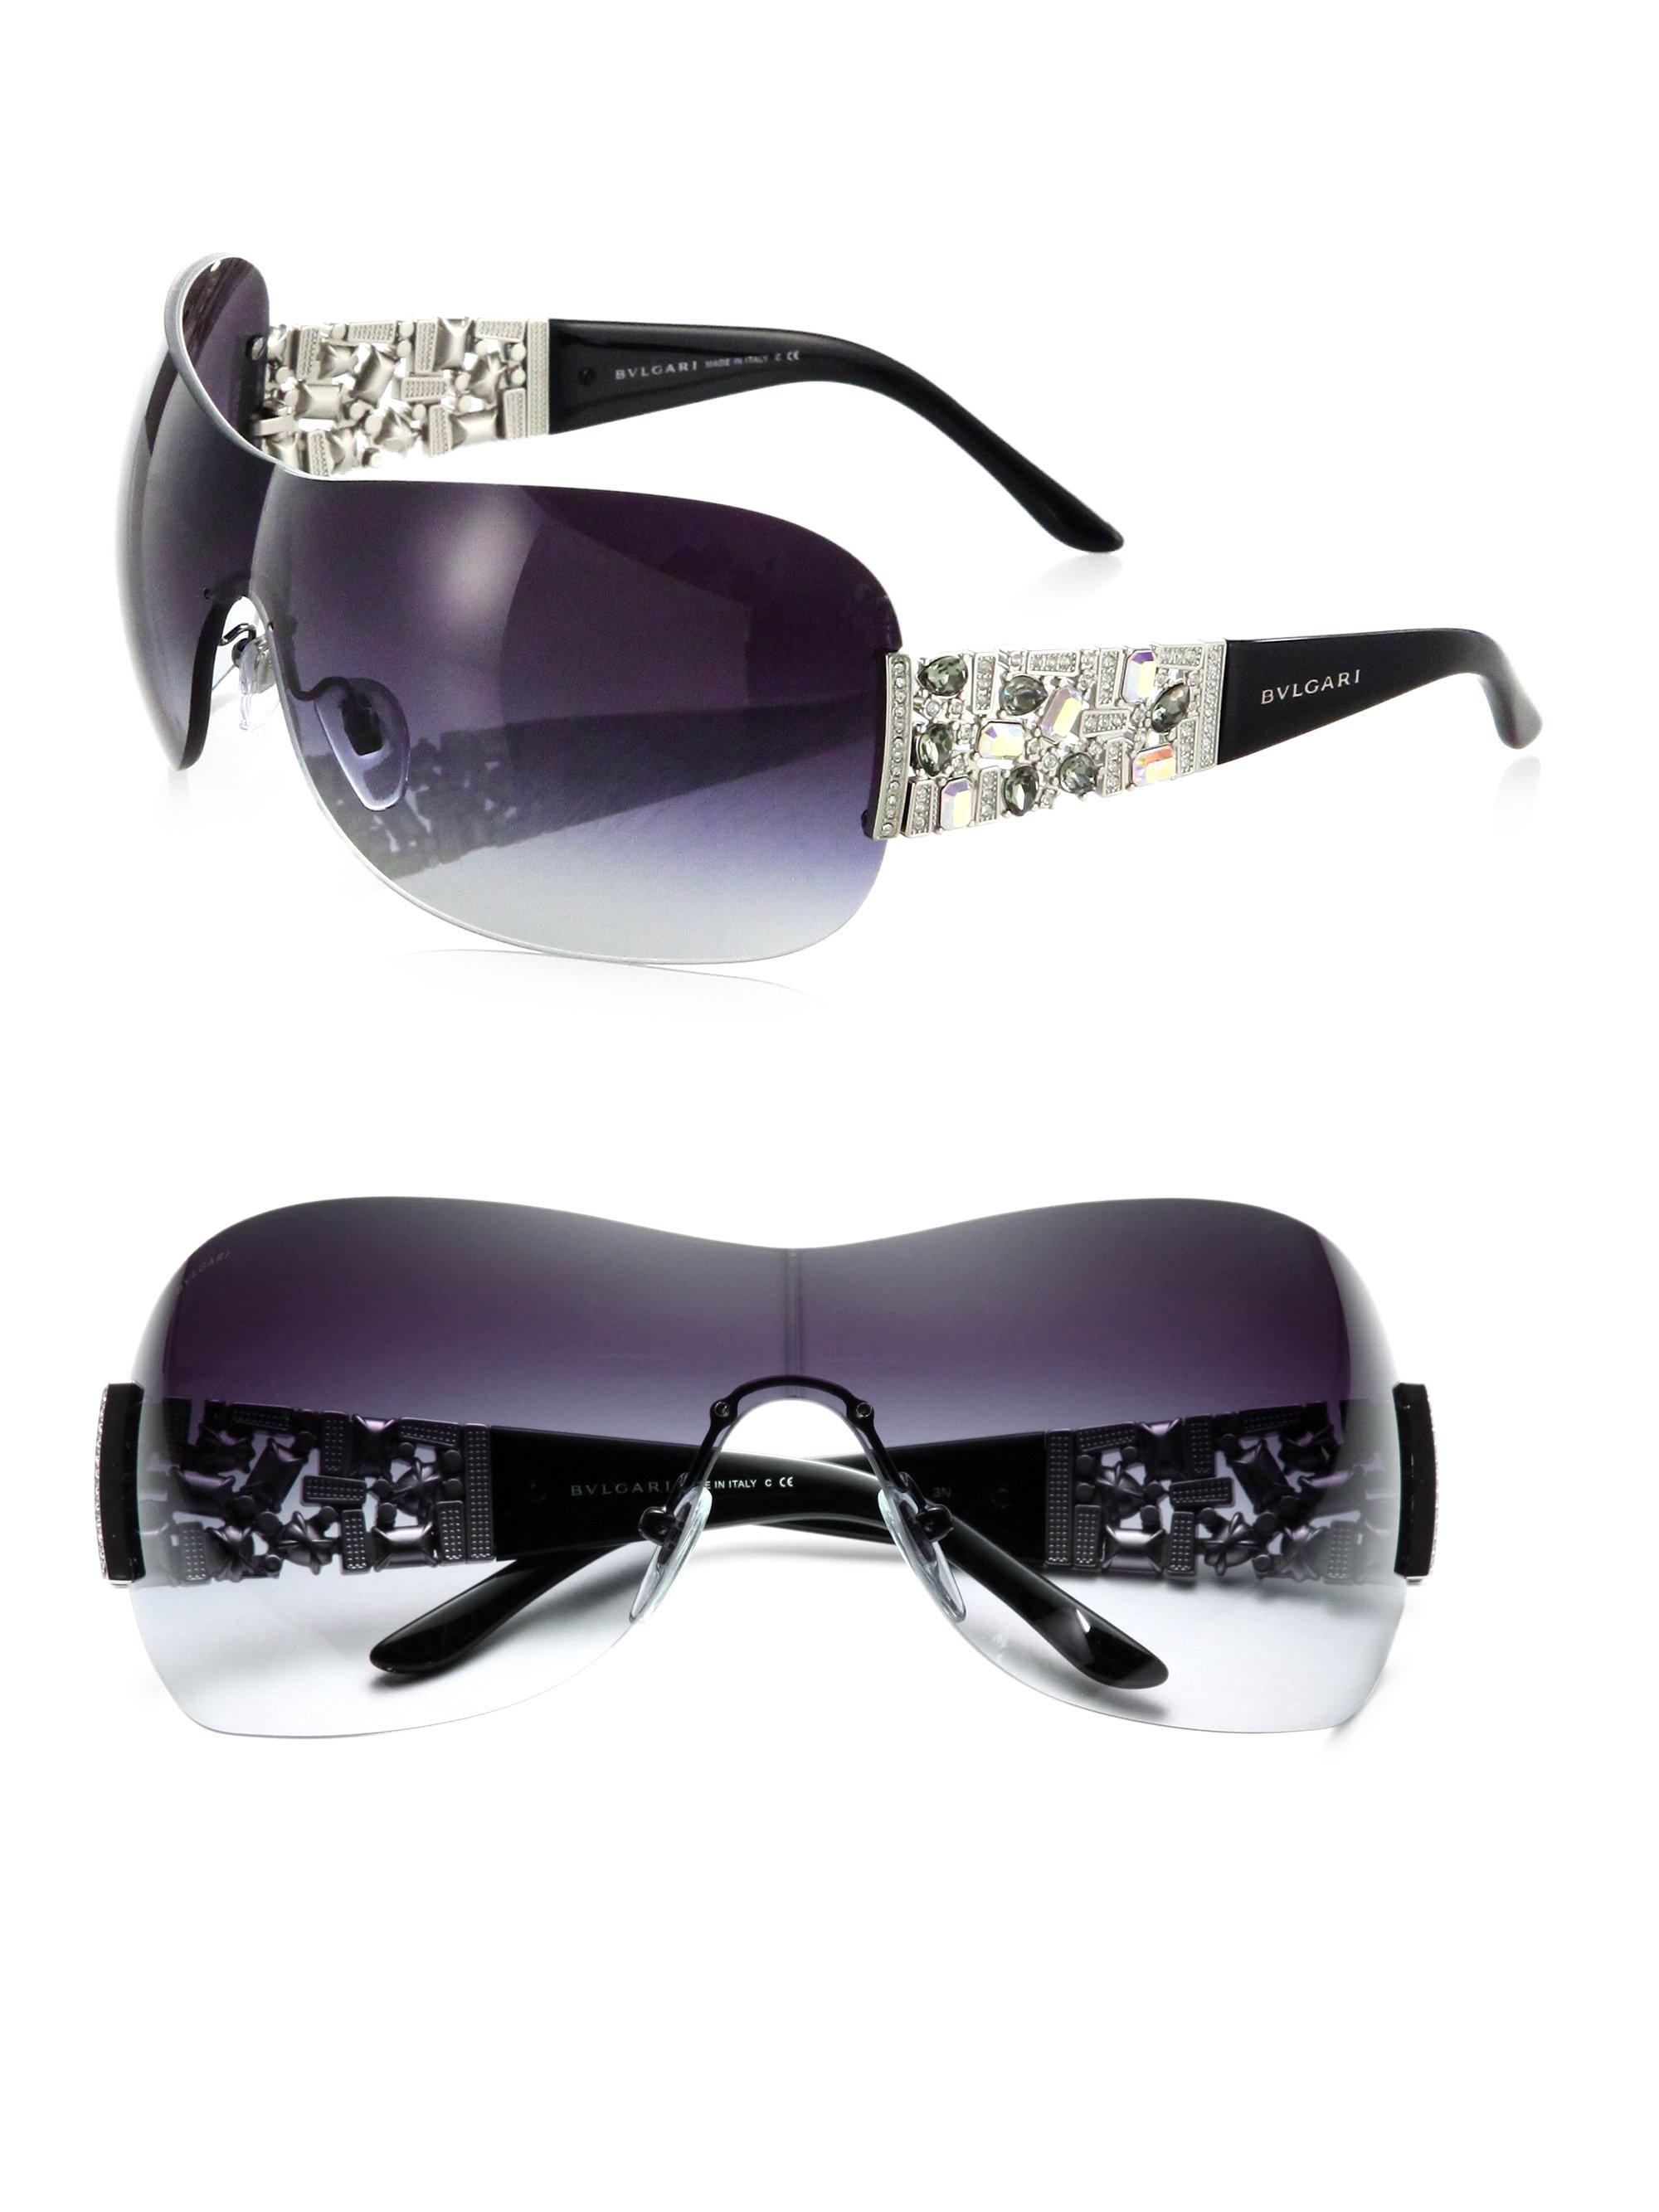 c3e1e8f0ee6c Shop Bvlgari Shield Sunglasses